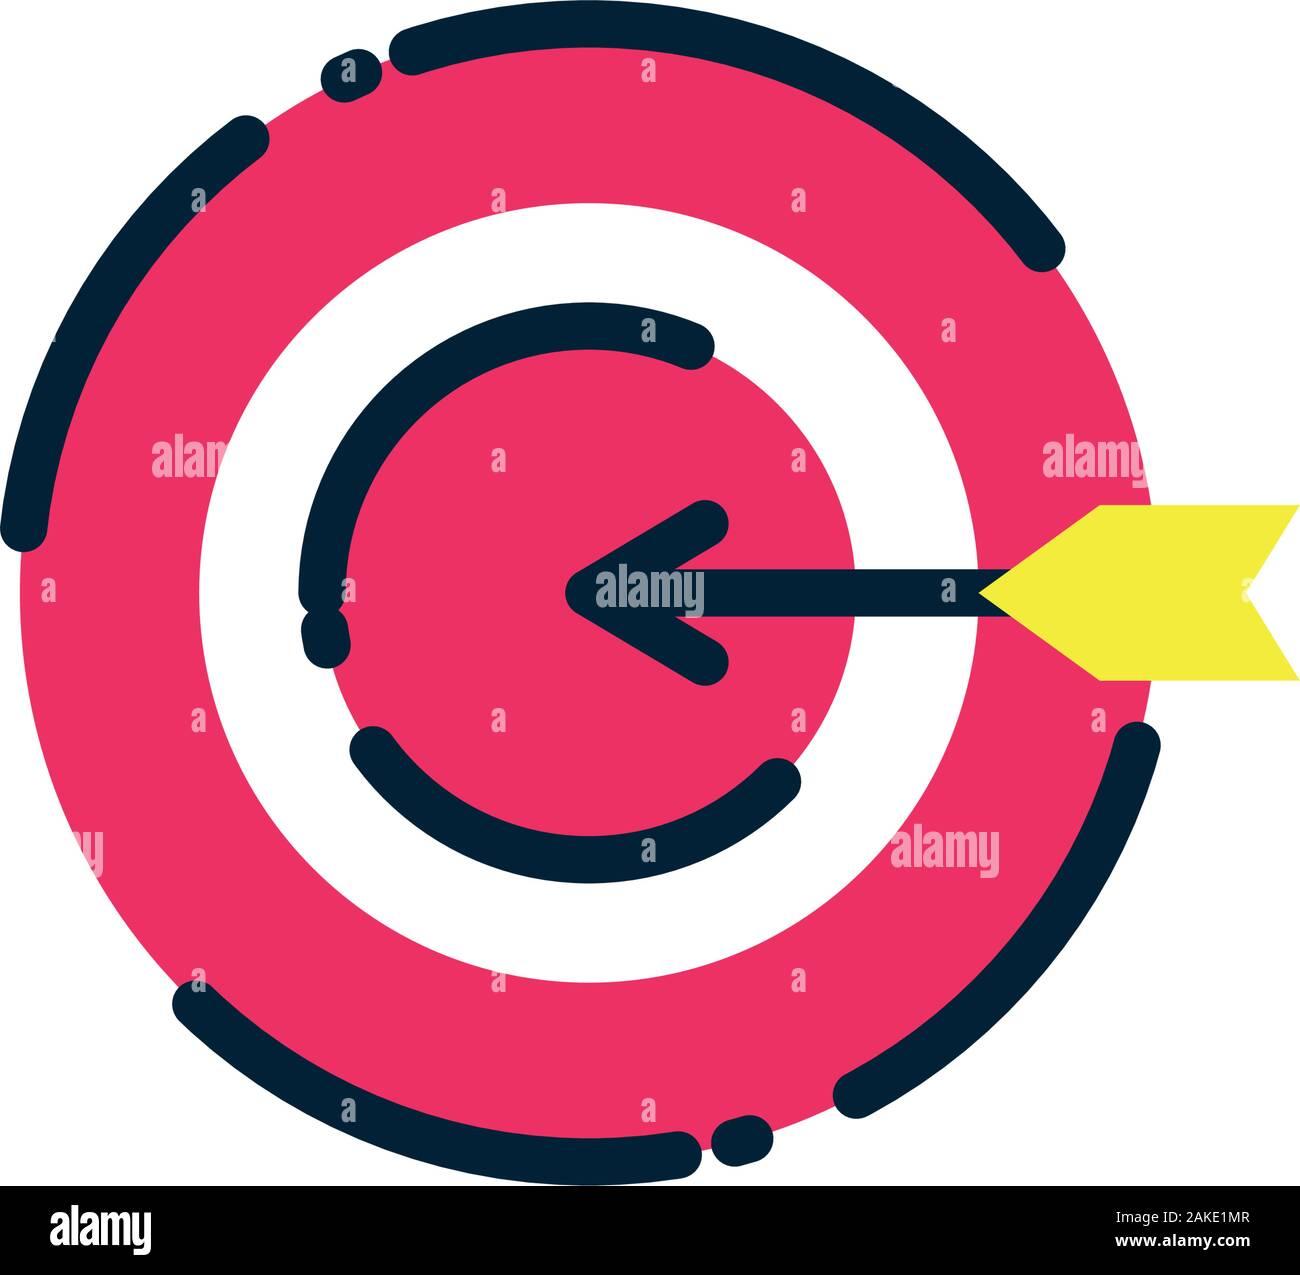 Ziel Icon Design, Lösung Erfolg Strategie Idee Problem innovation Kreativität, Inspiration und Intelligenz Thema Vector Illustration Stock Vektor